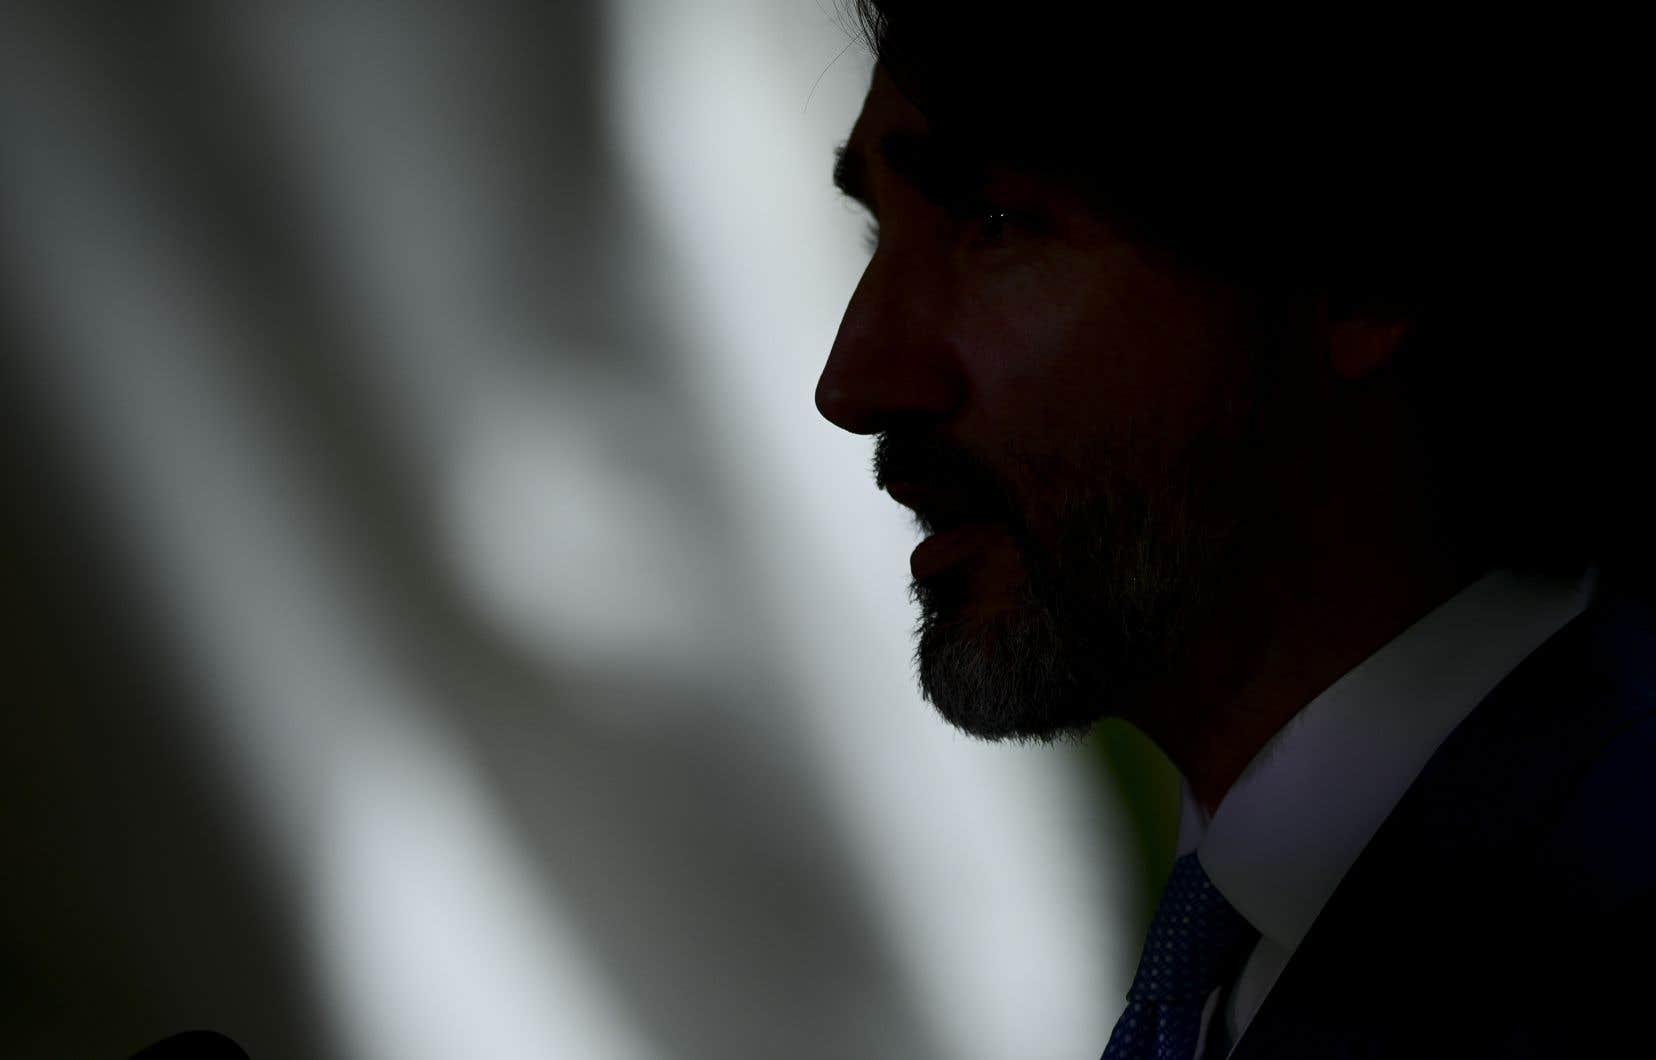 L'opposition conservatrice a voté en bloc contre le gouvernement Trudeau, qui a cependant pu compter sur le soutien de trois autres petites formations à la chambre basse du parlement.